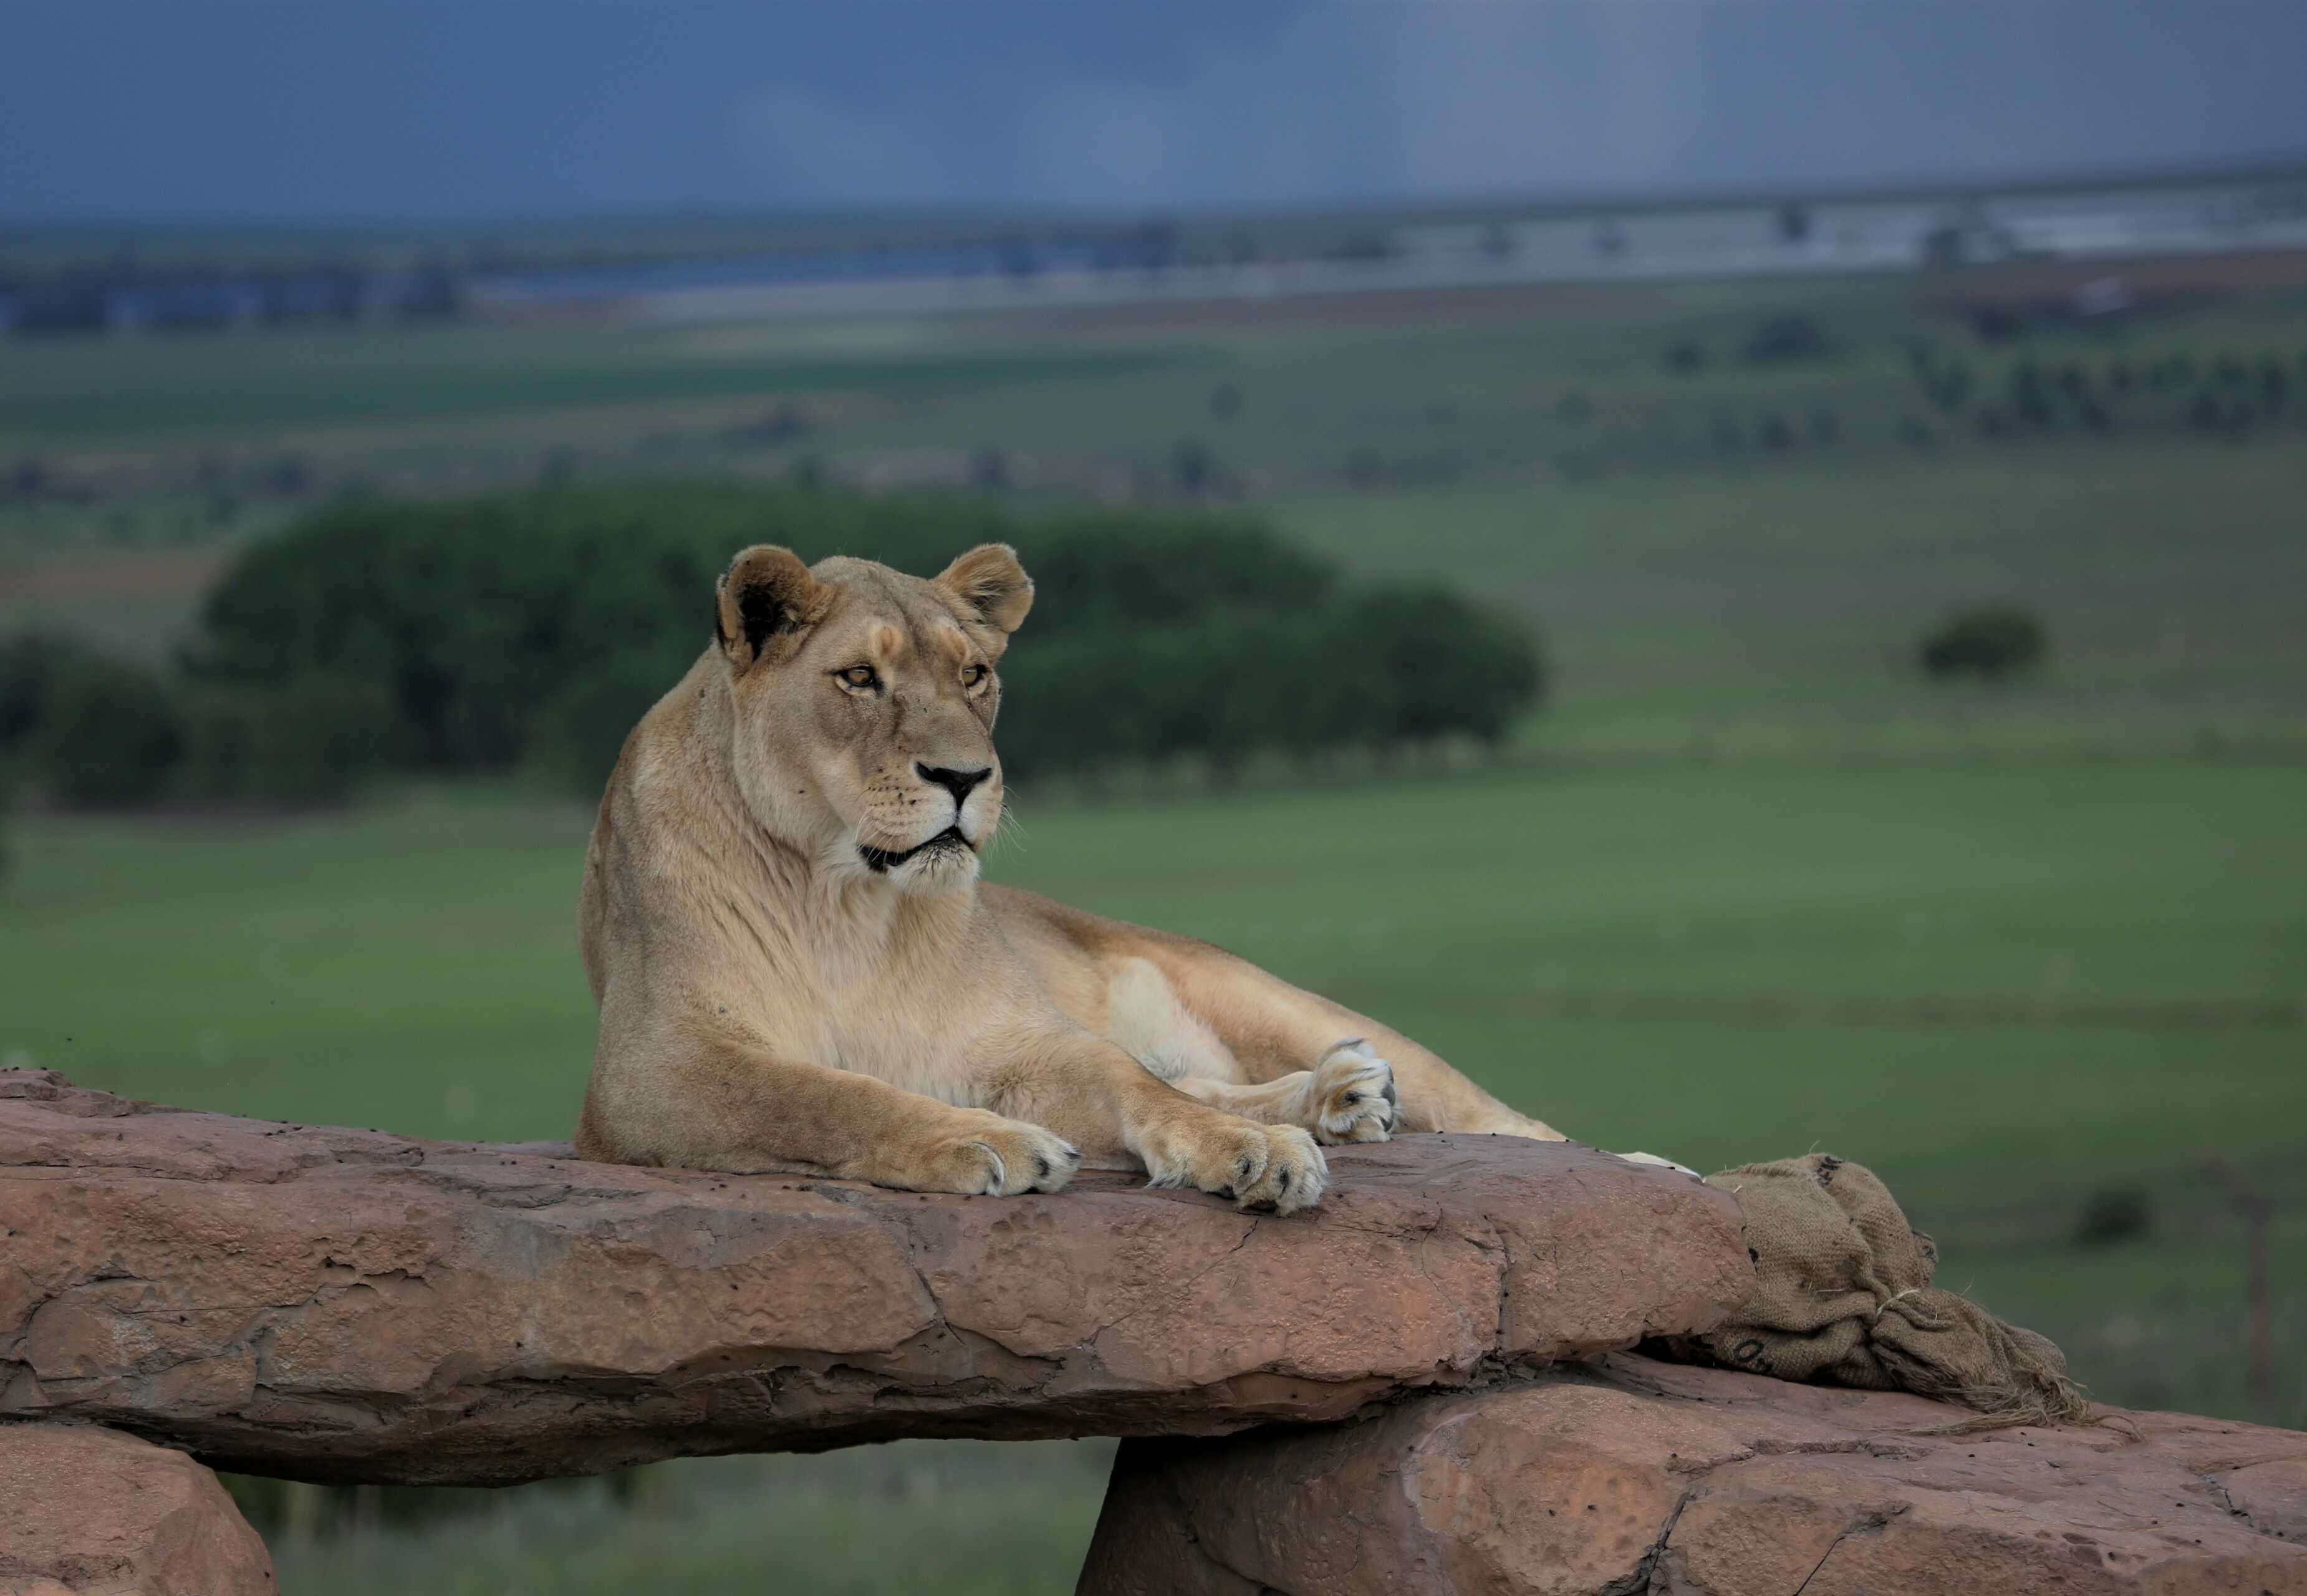 Lion at LIONSROCK